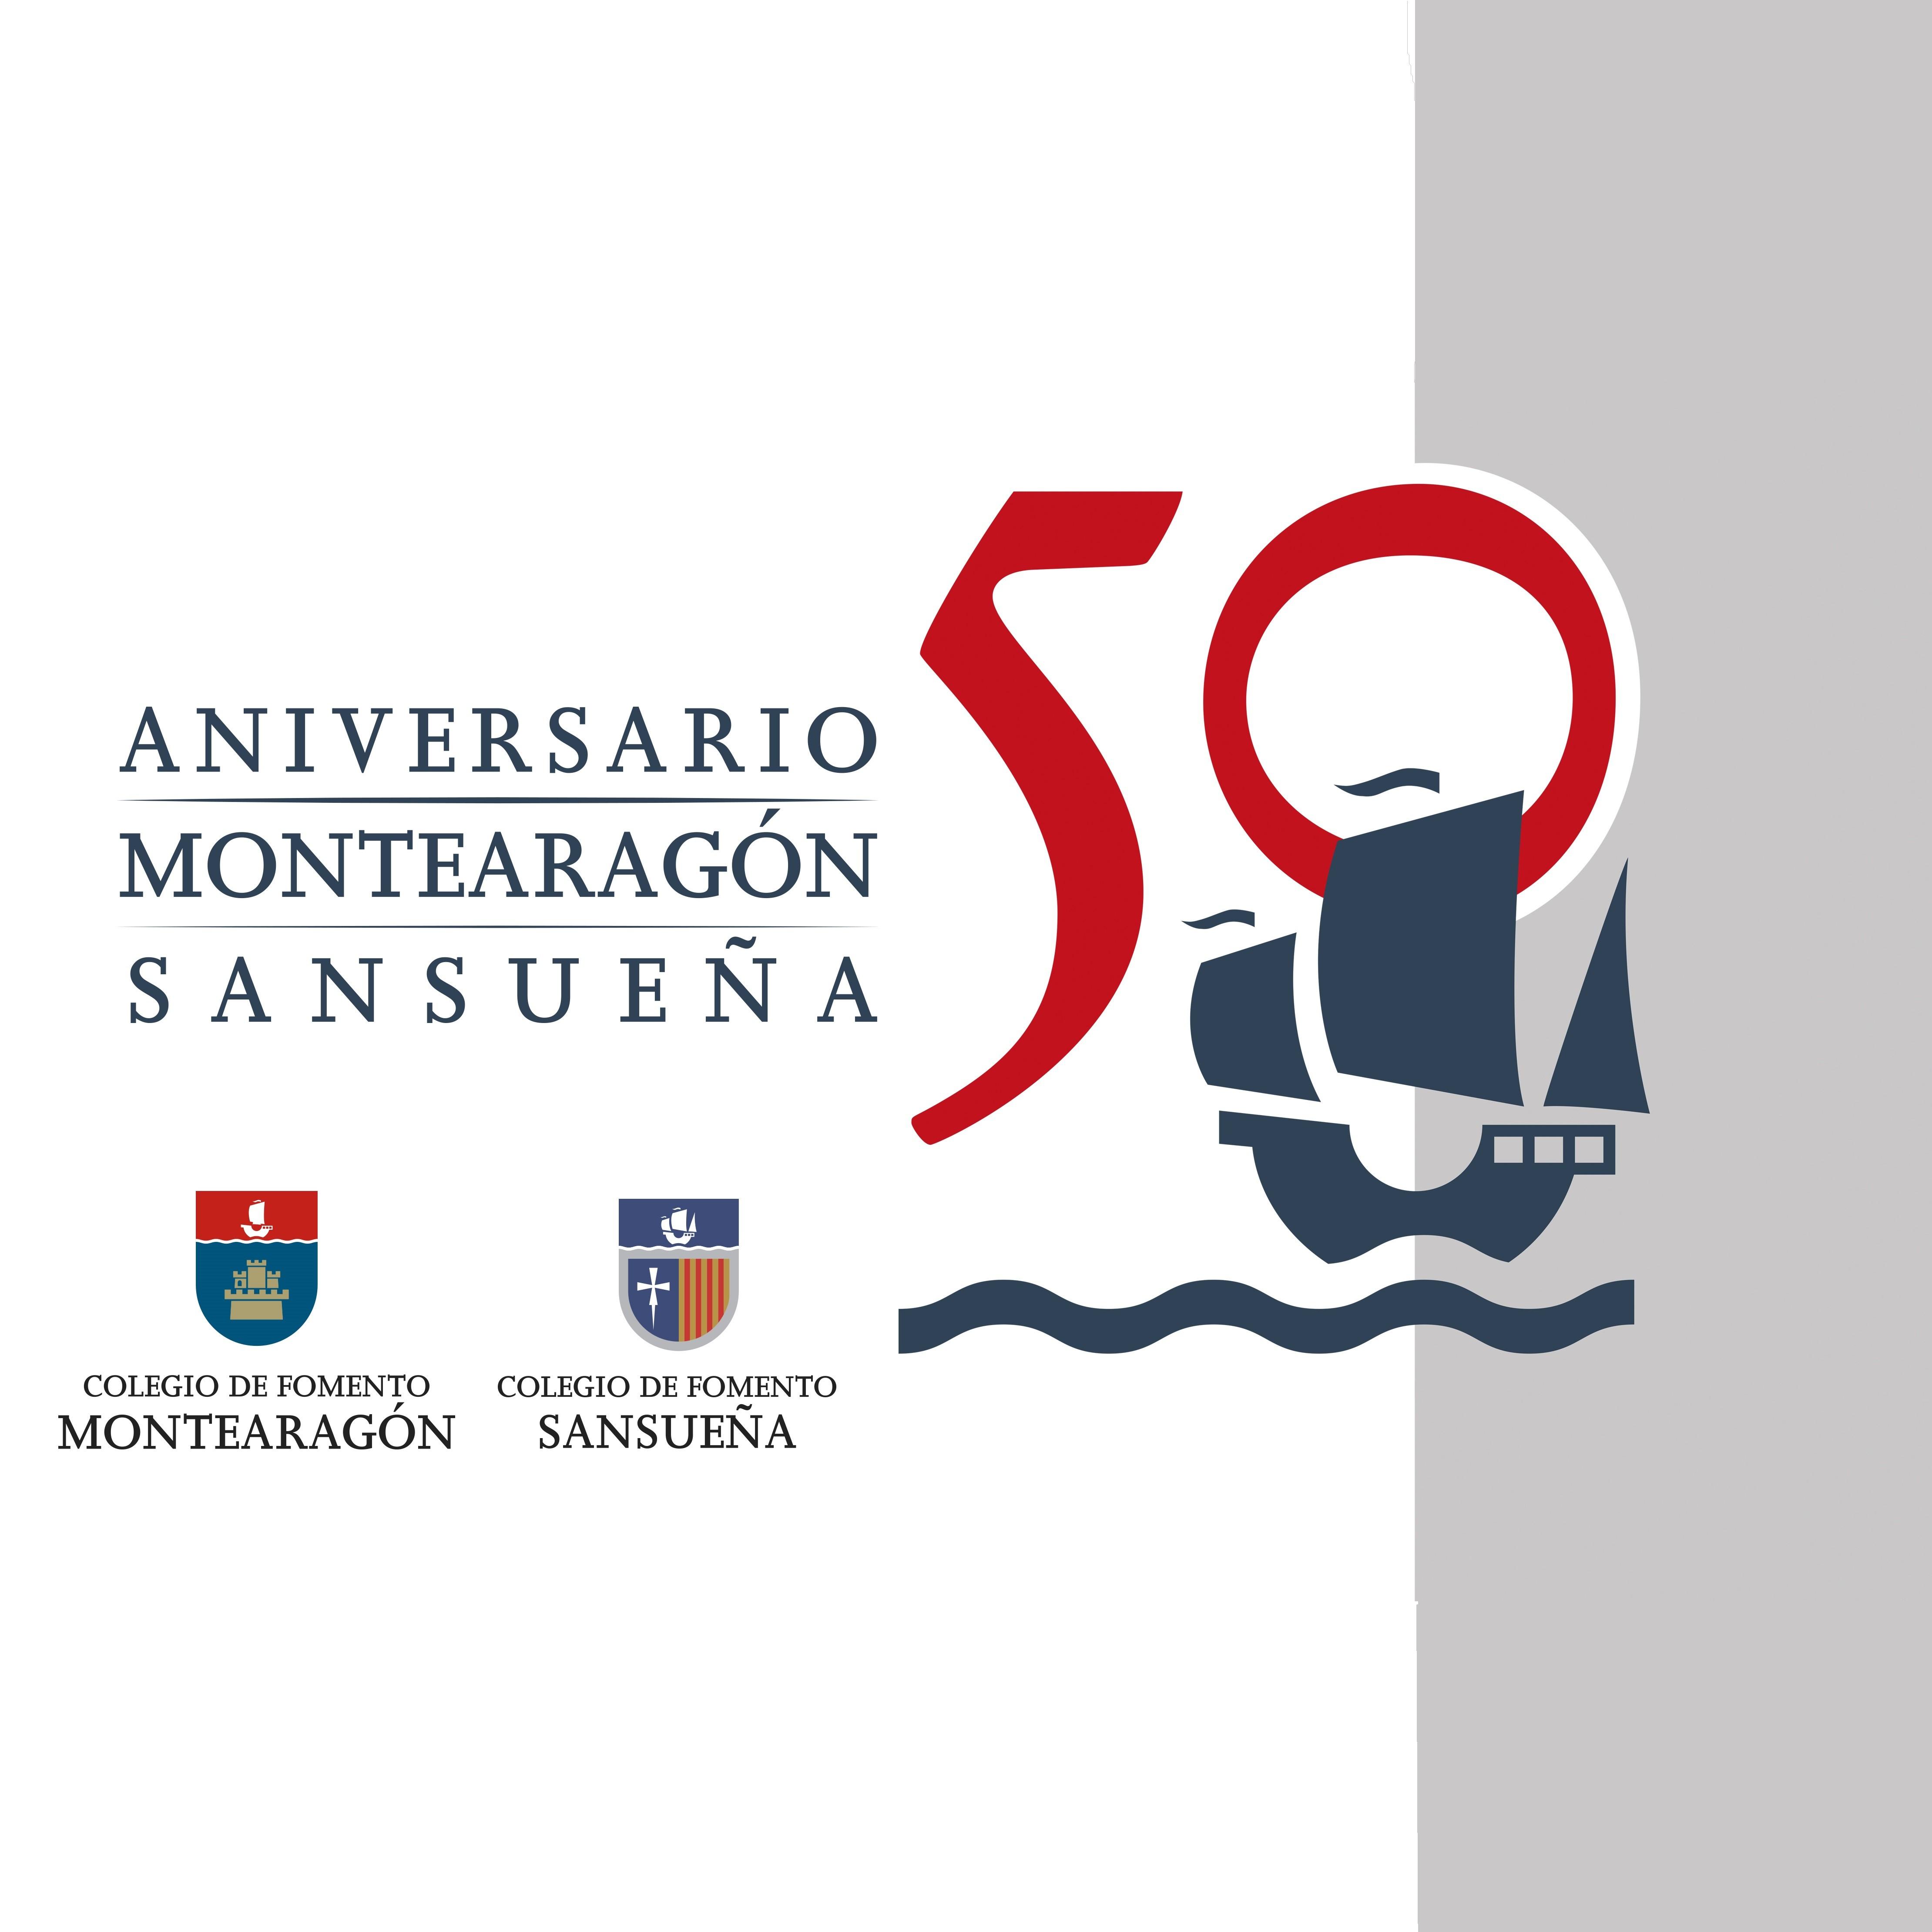 Calendario 2019 Con Festivos Zaragoza Más Arriba-a-fecha eventos Of Calendario 2019 Con Festivos Zaragoza Actual Da De San Valero 2019 Guia De Zaragoza